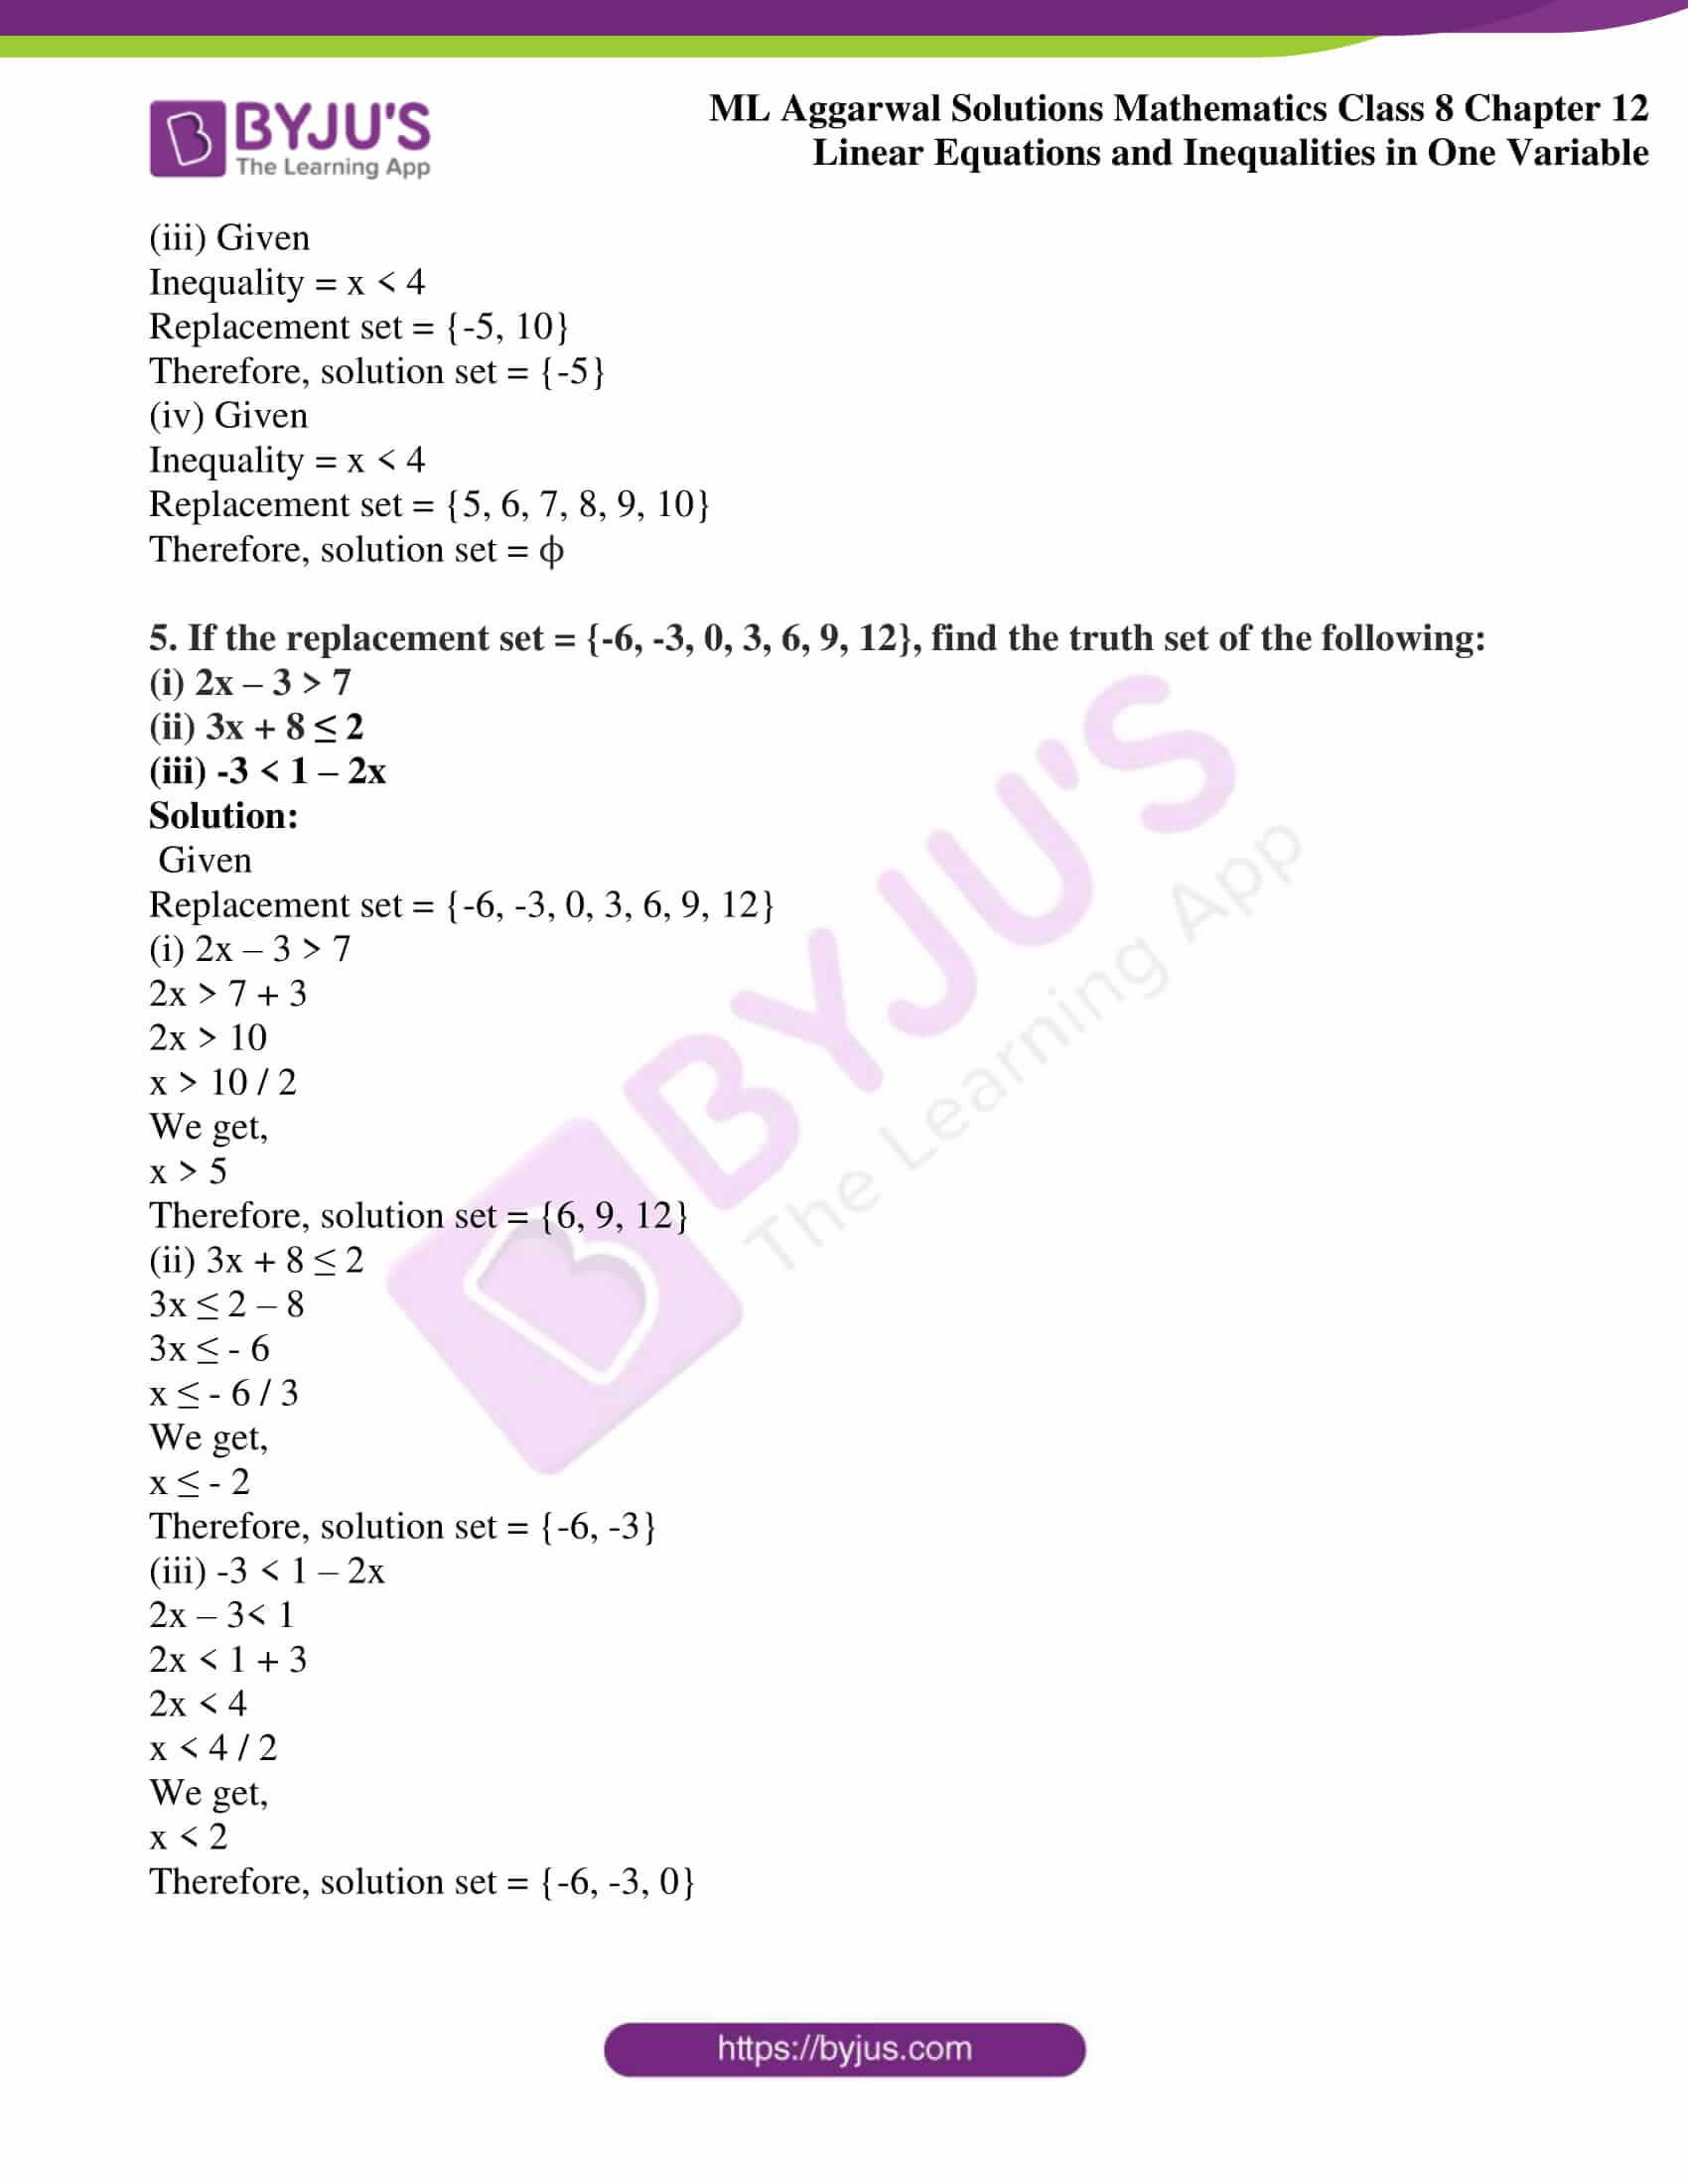 ml aggarwal sol mathematics class 8 ch 12 29